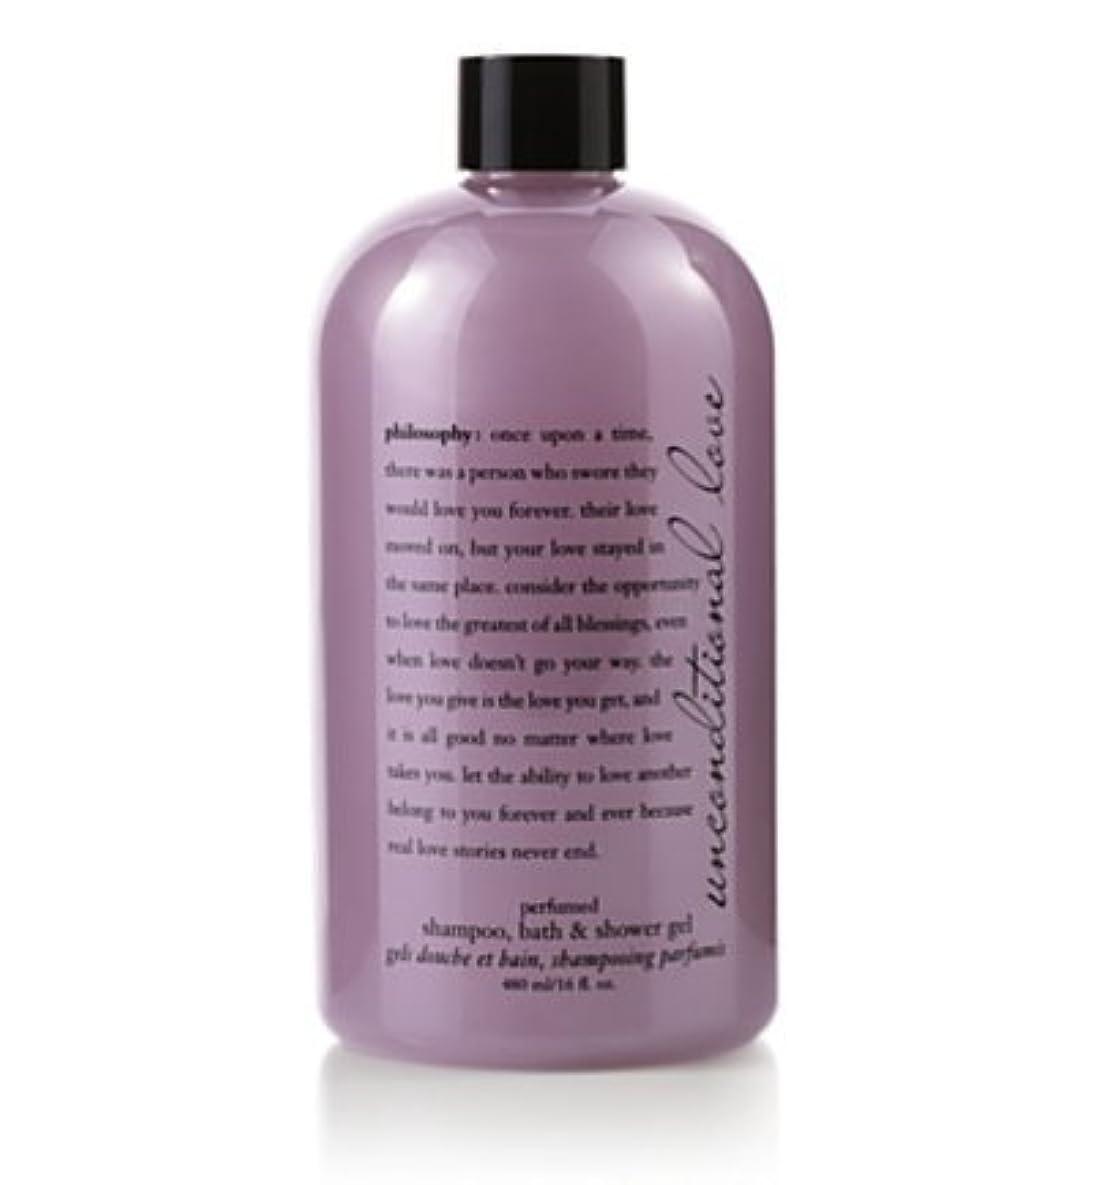 武器ワゴン四面体unconditional love (アンコンディショナルラブ ) 16.0 oz (480ml) perfumed shampoo, bath & shower gel for Women